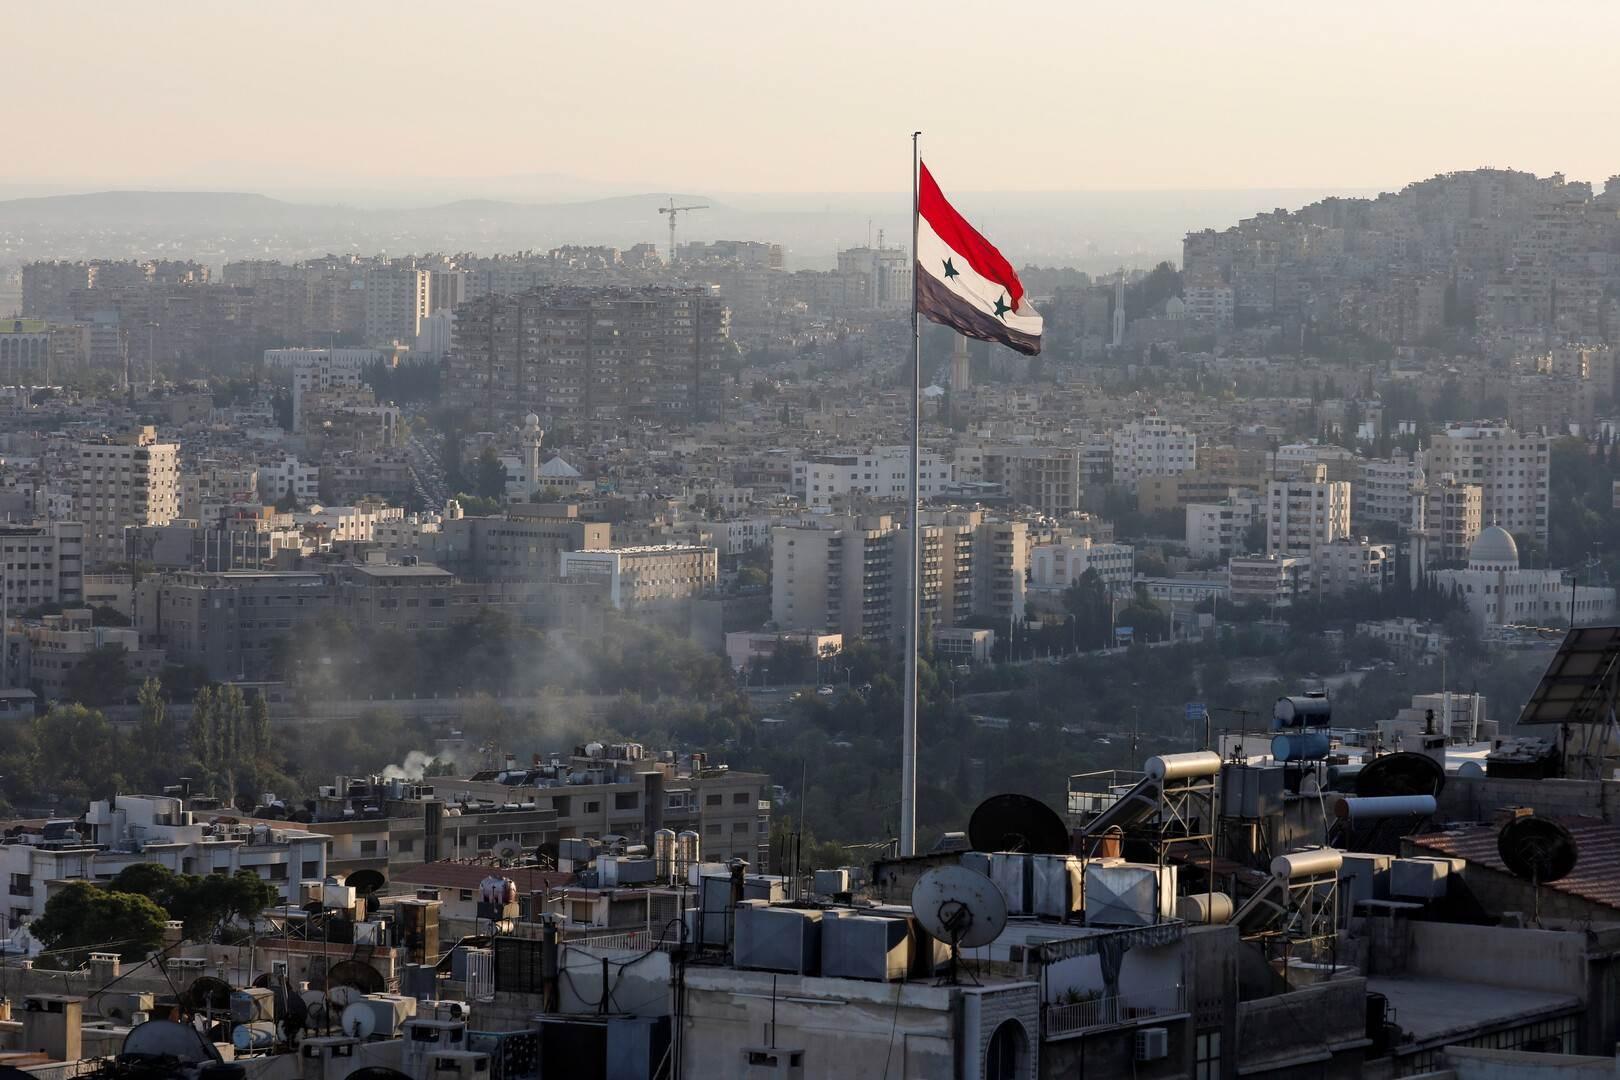 الخارجية السورية: مثل هذه المؤتمرات تعد تدخلا سافرا في الشأن الداخلي السوري